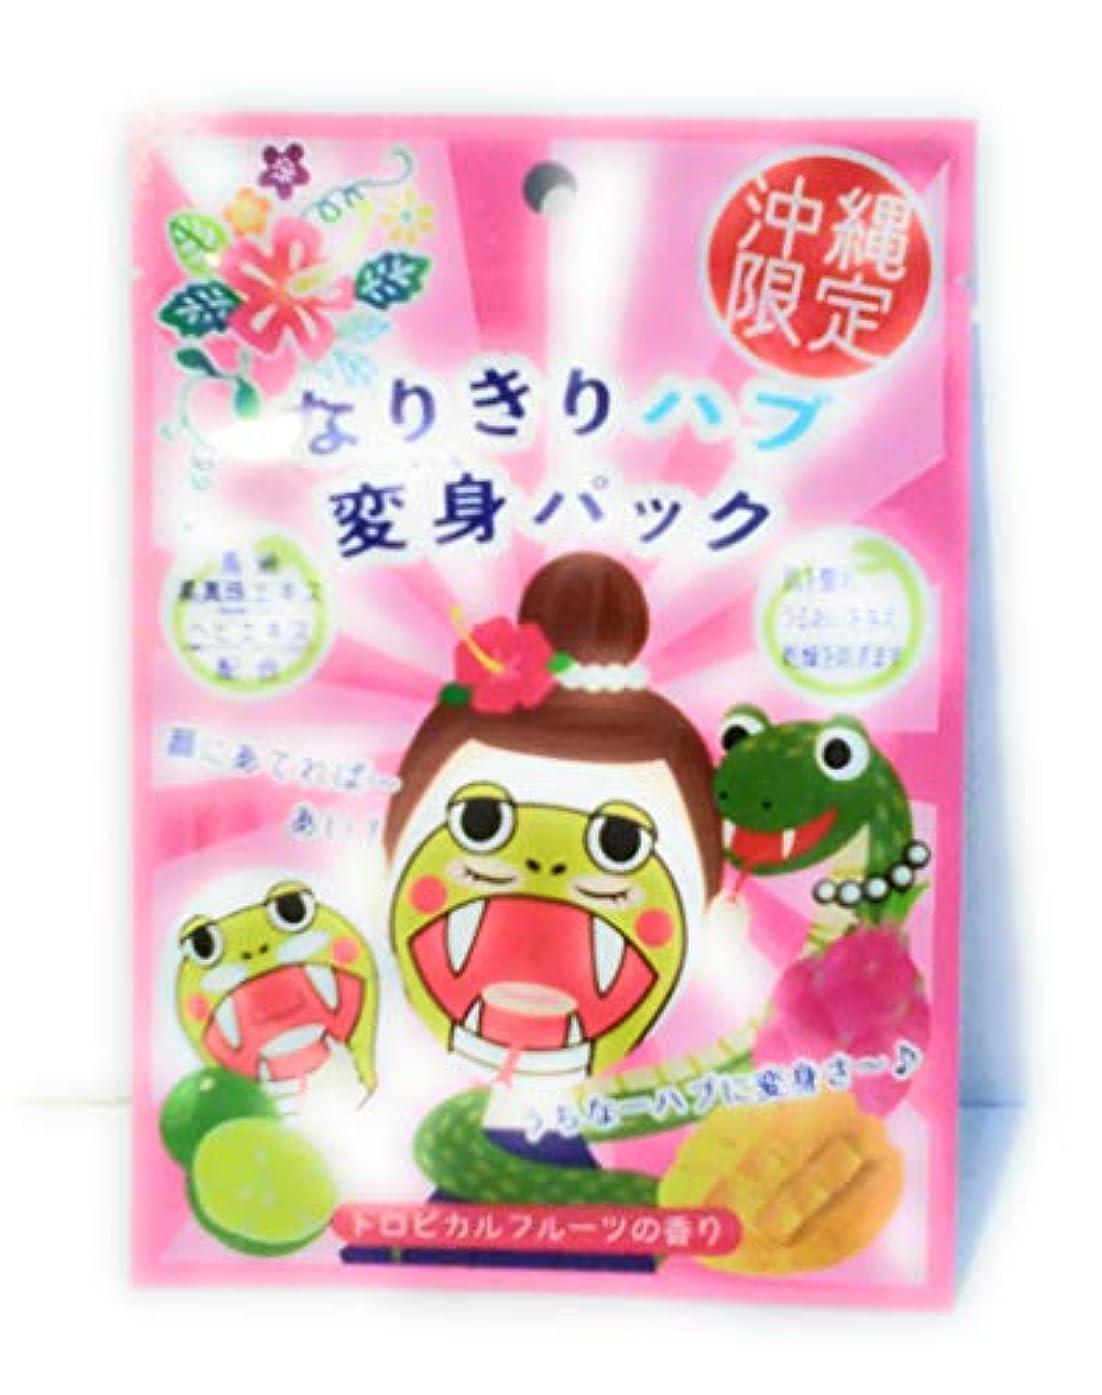 クローゼット刈る忌み嫌う沖縄限定 なりきりハブ変身パック トロピカルフルーツの香り